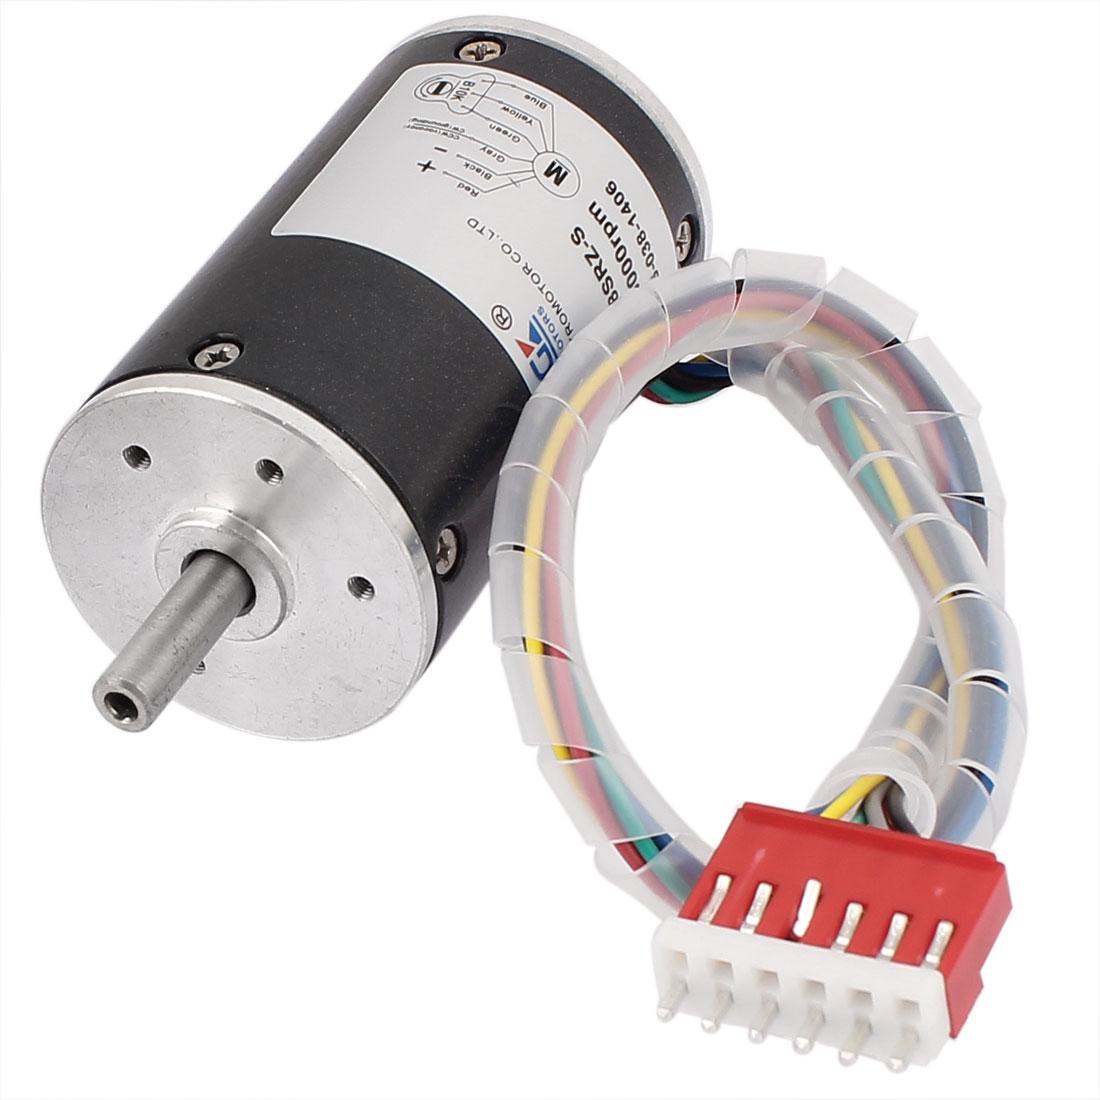 DC 24V 5000RPM 38mm Diameter Speed Control Brushless Motor